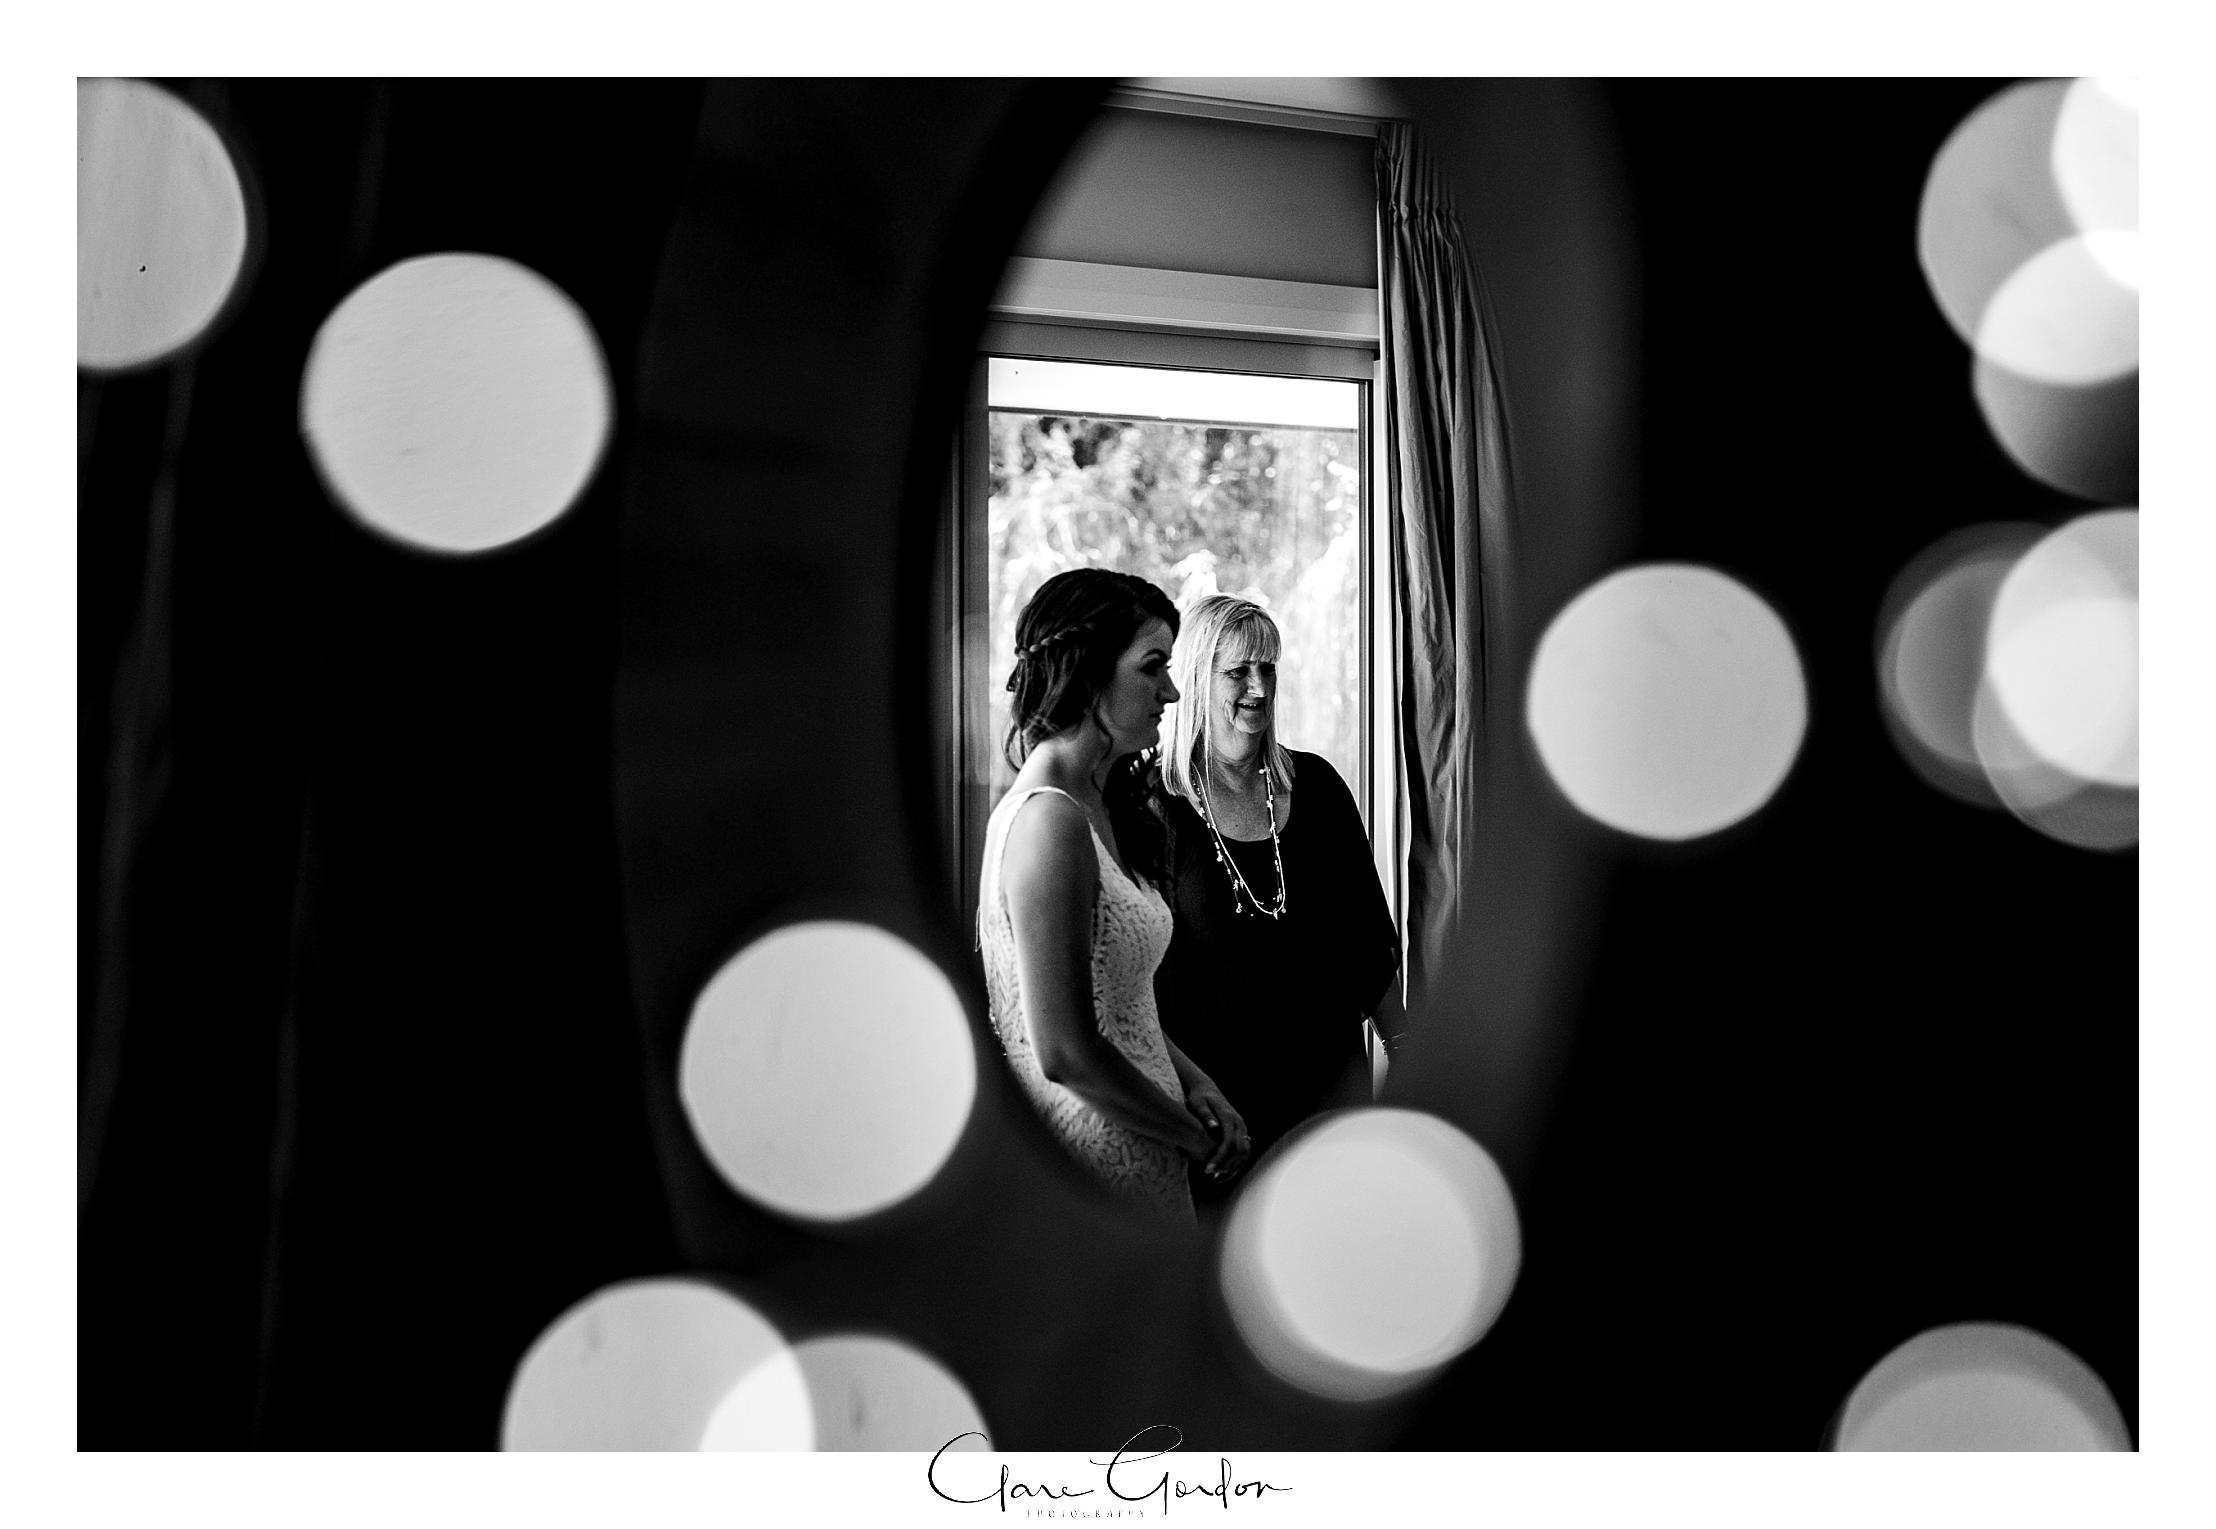 Clare-Gordon-photography